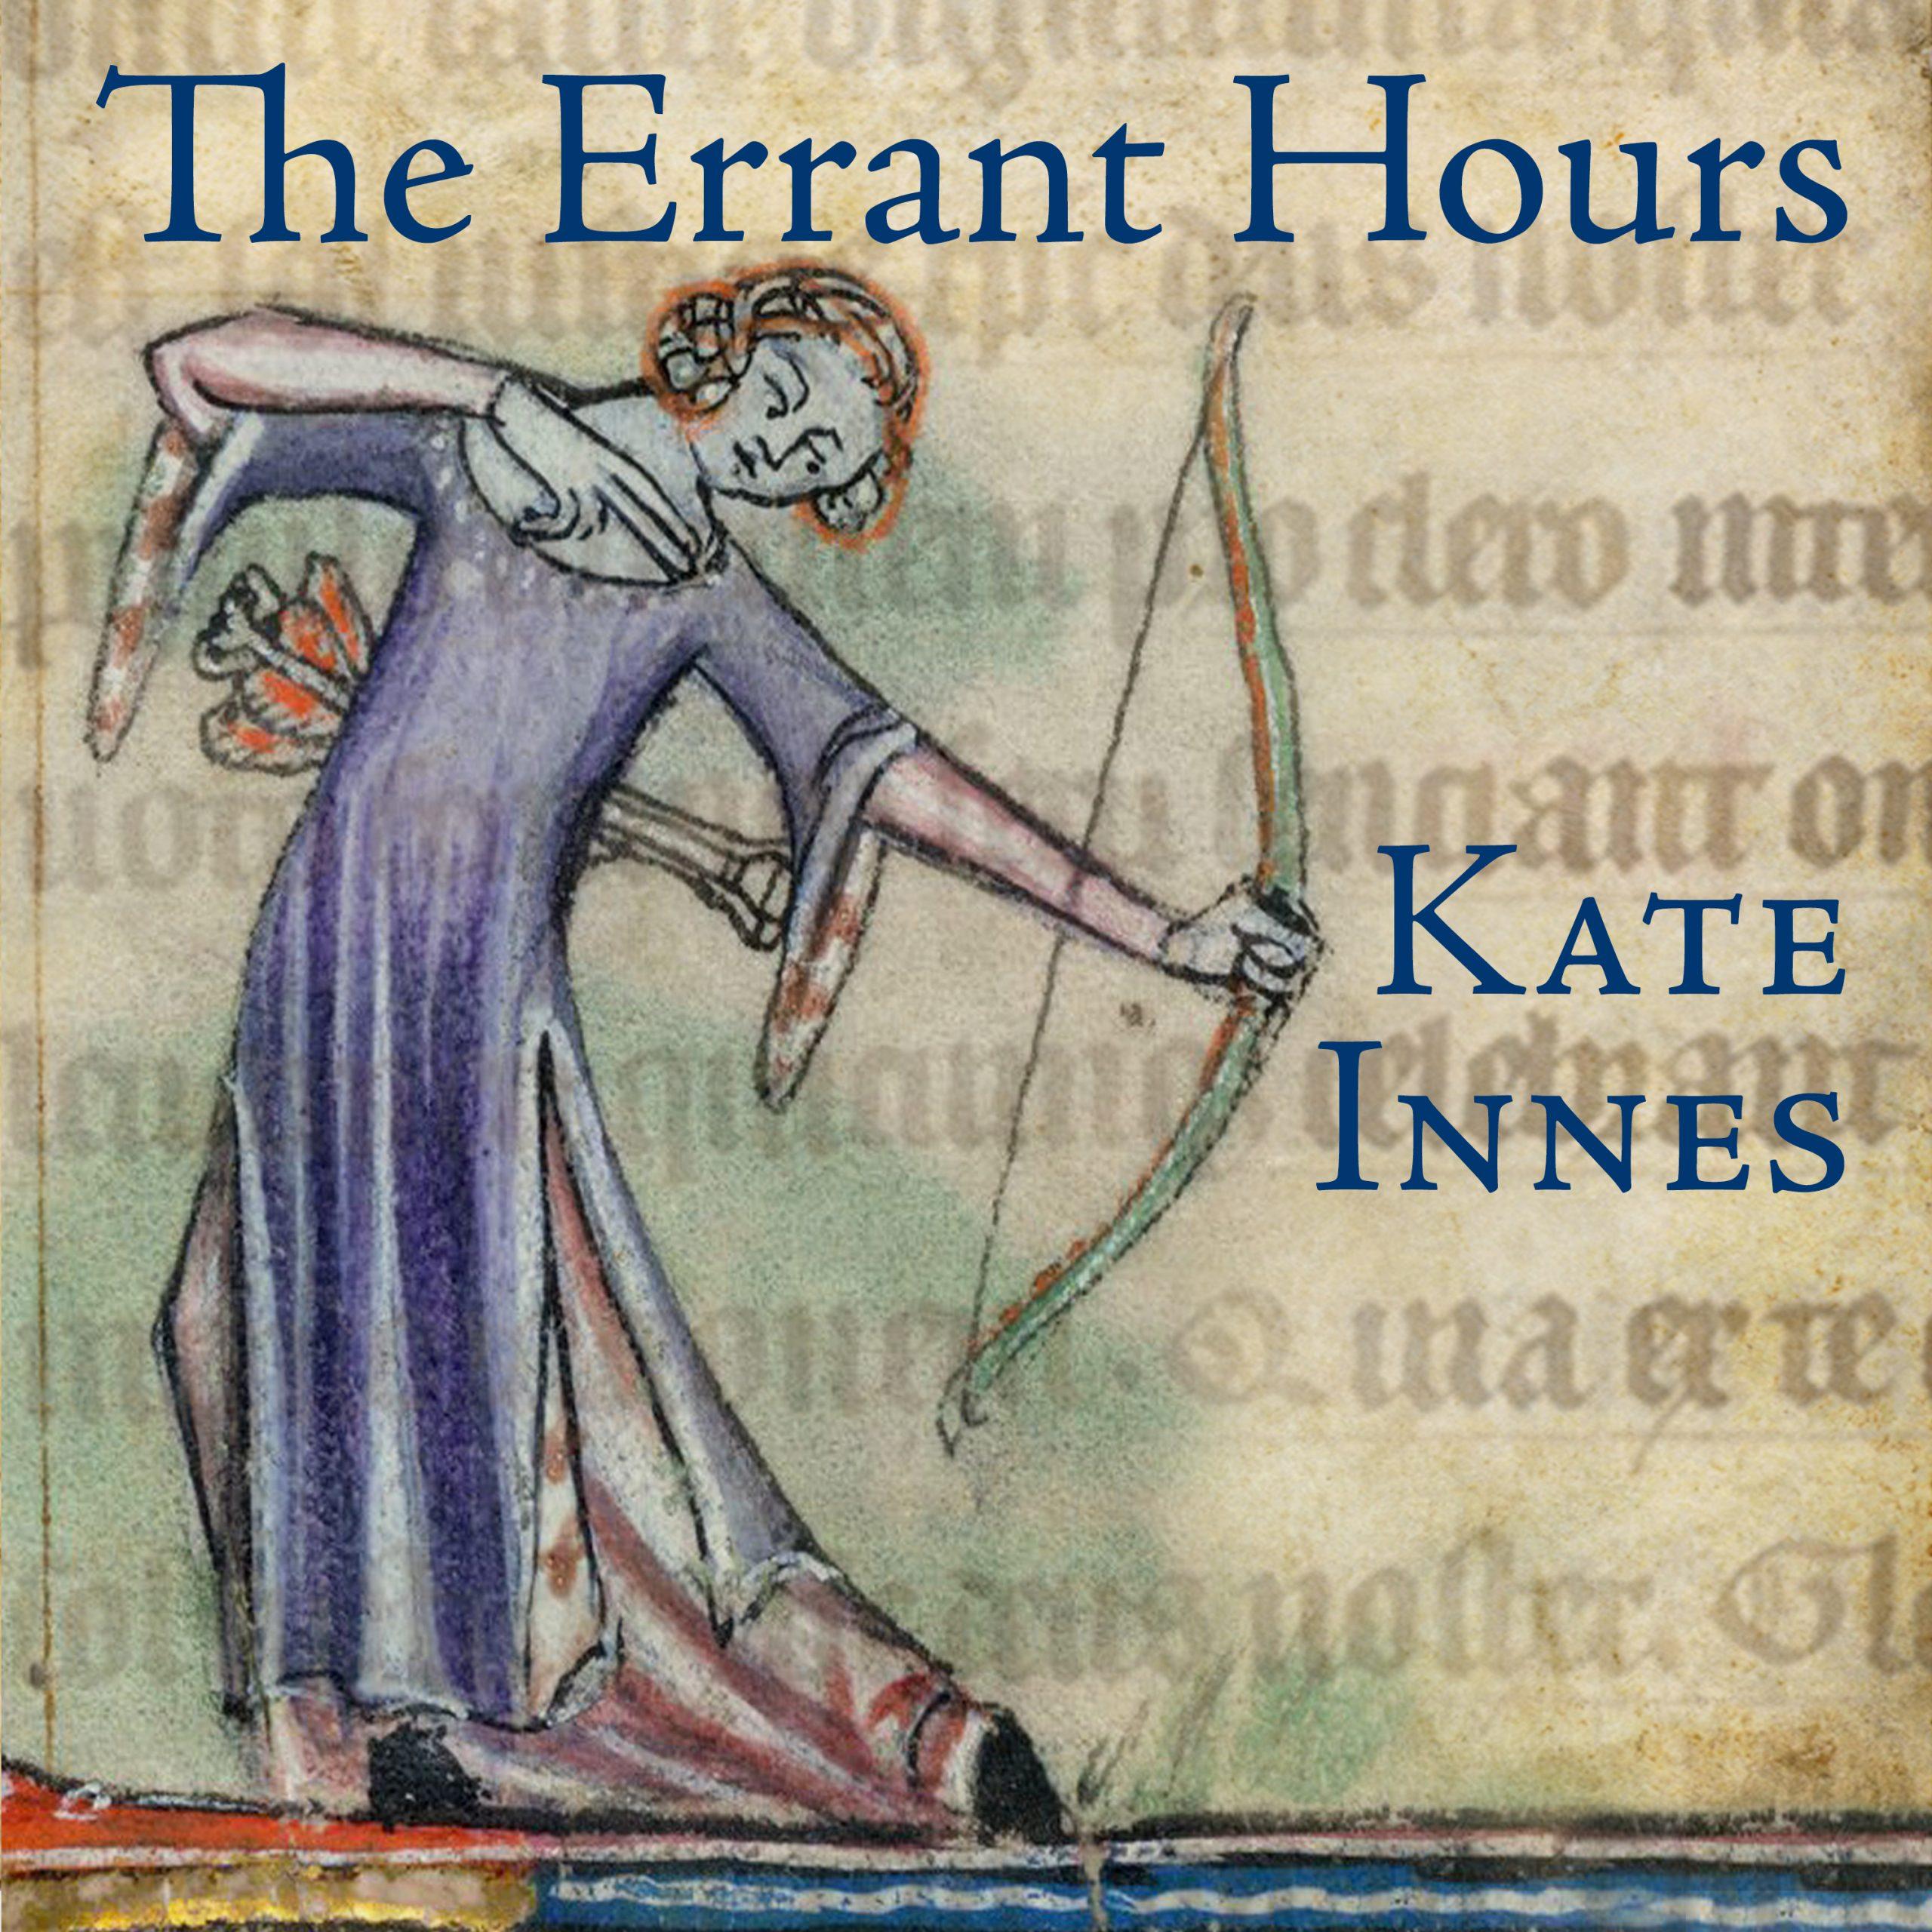 The Errant Hours - New Literary Historical Novel